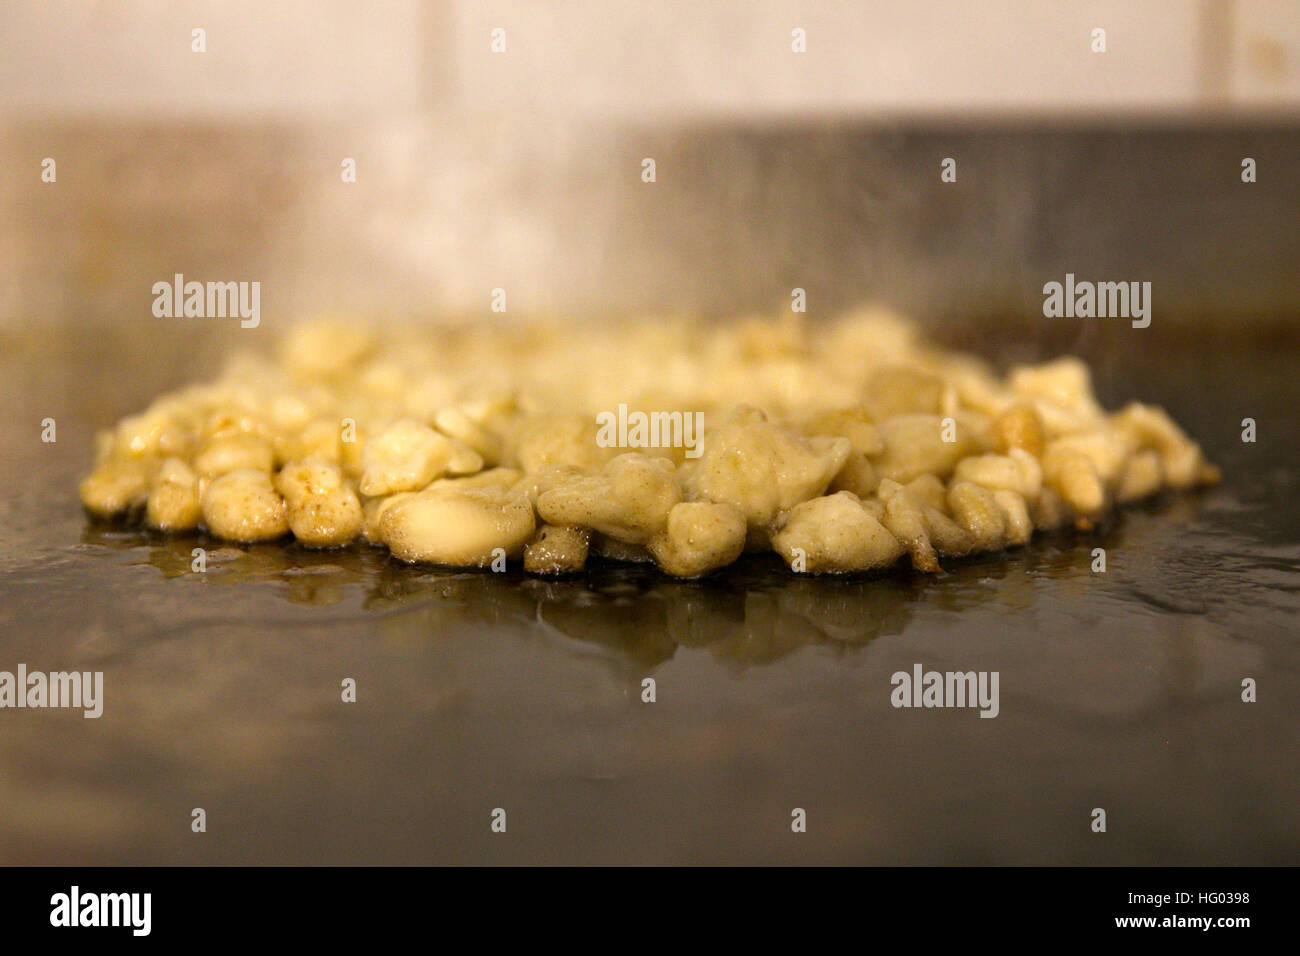 Grillen auf einem Backblech Knoblauchzehen Stockbild